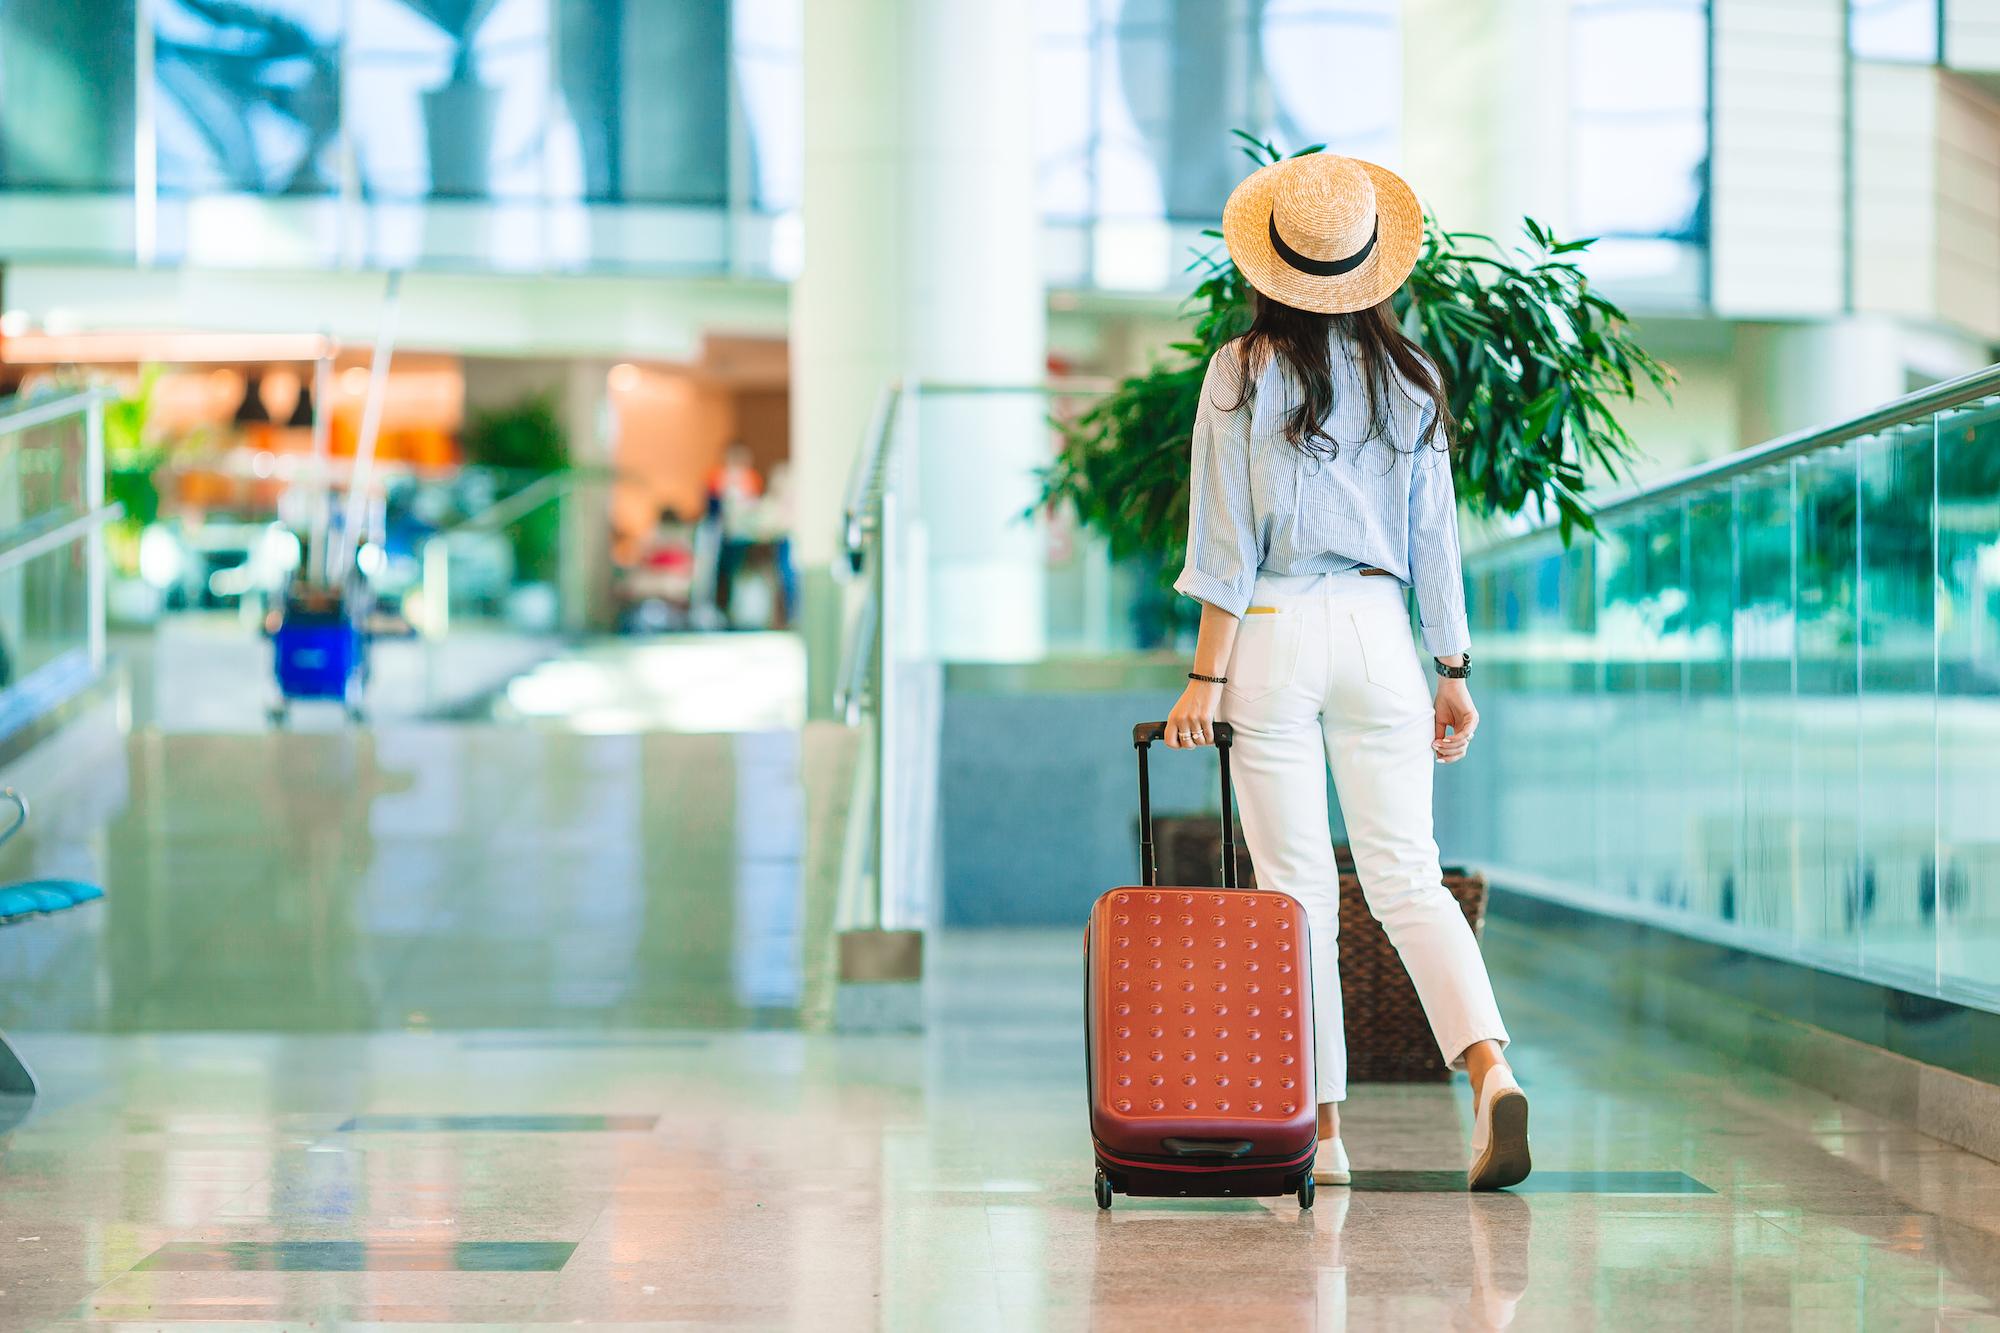 aprobar inglés B1 para viajar